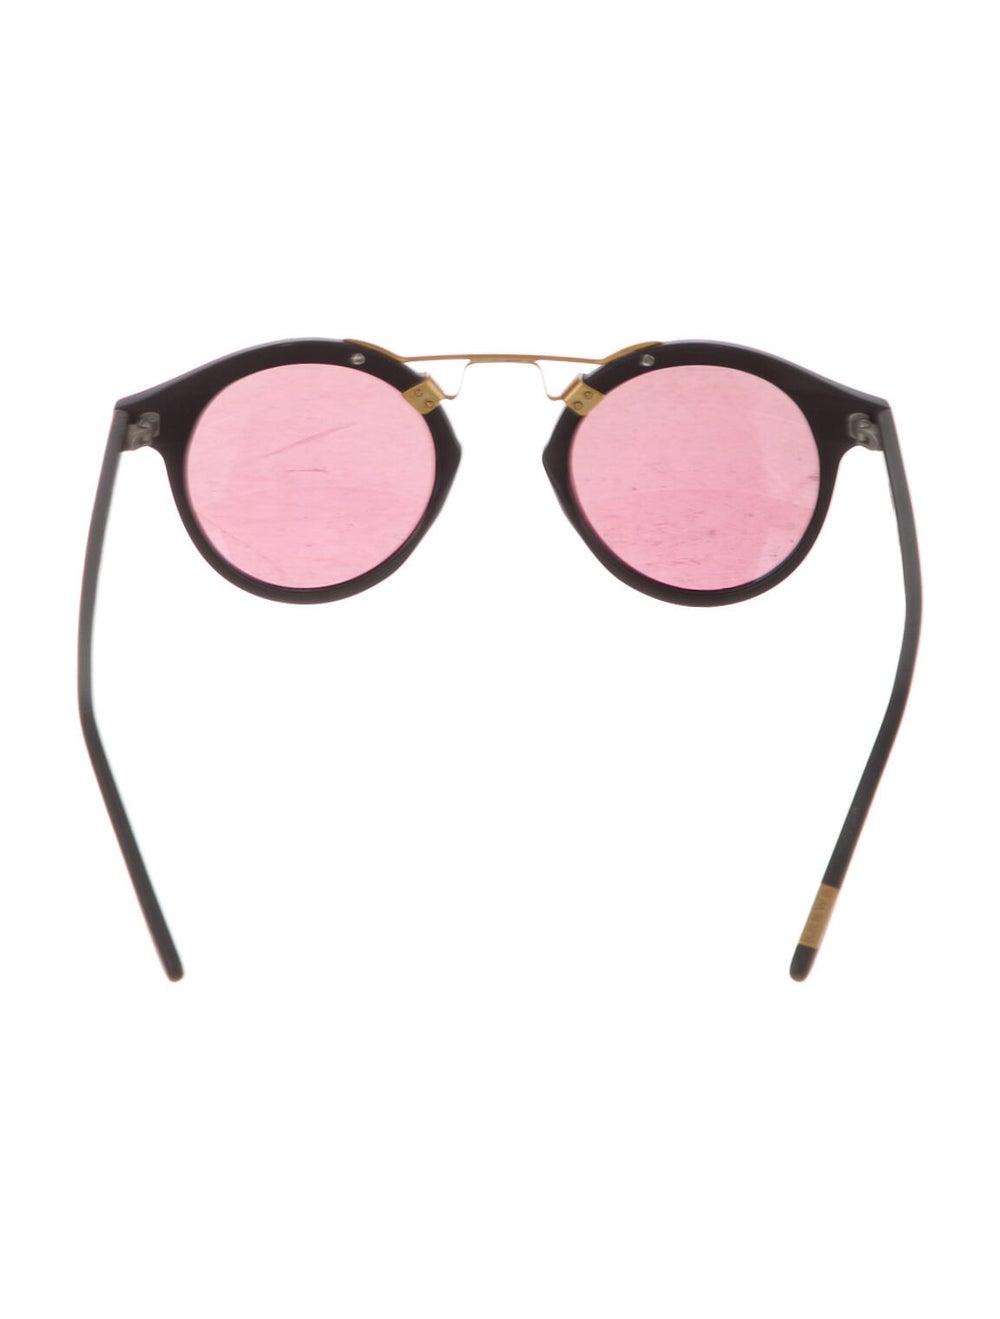 Krewe Mirrored Round Sunglasses Gold - image 3